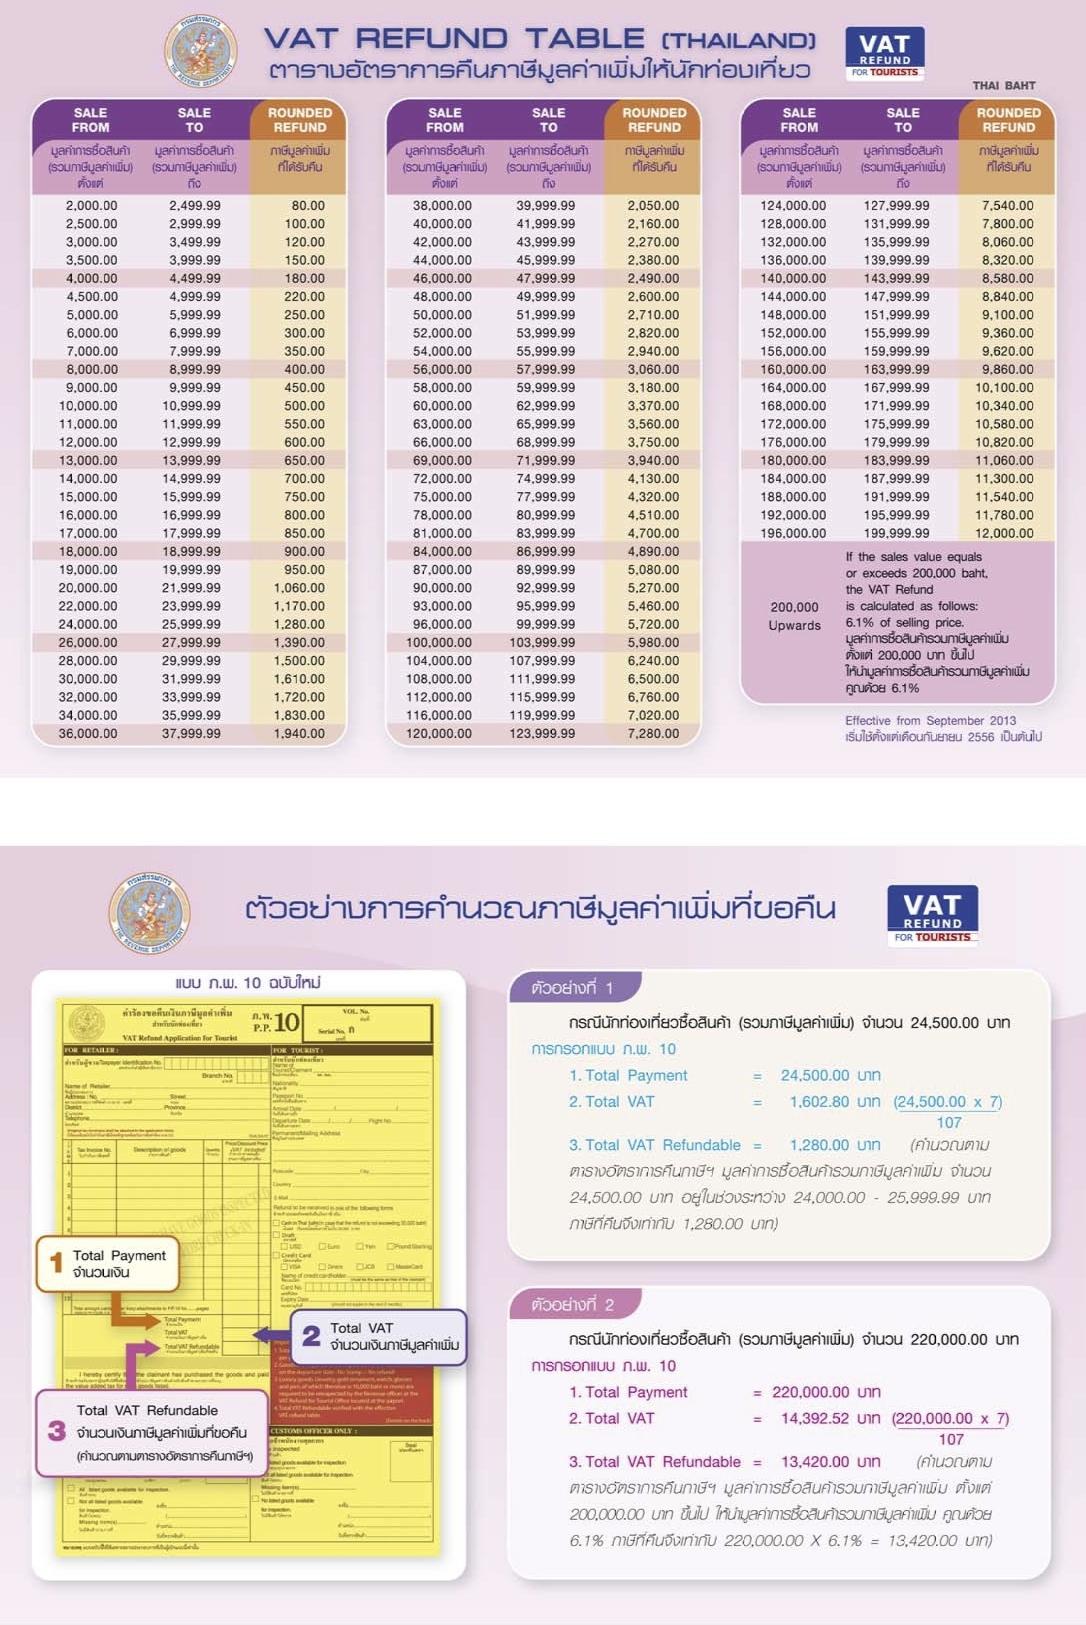 新版退稅表格1